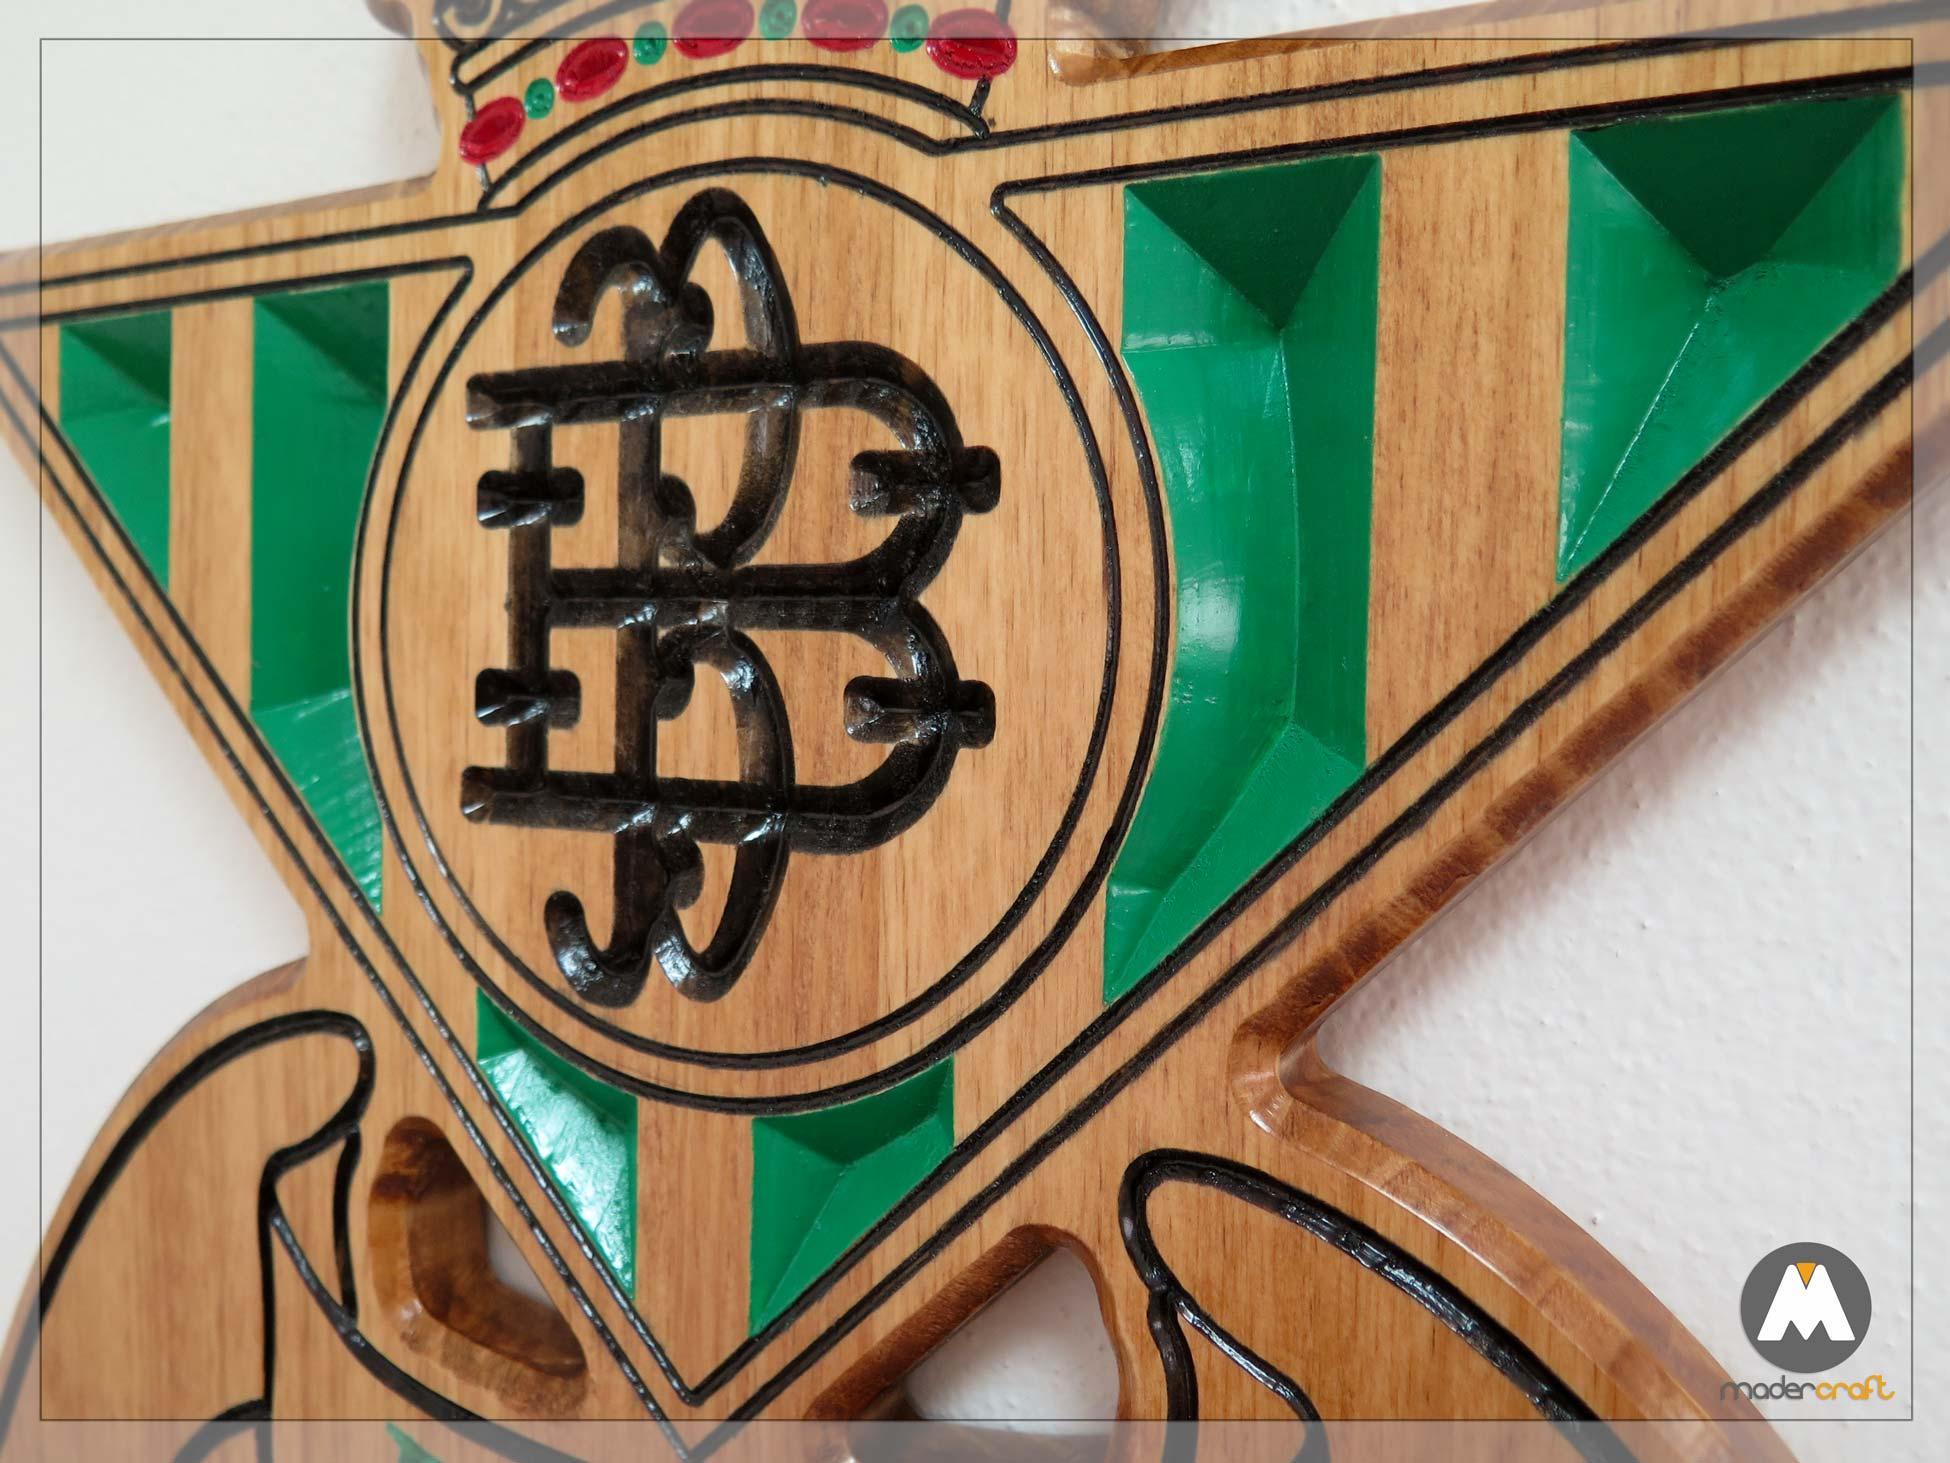 Placa Madera Deportiva Real Betis Balompié, Pino tallado acabado en colores. Equipo Fútbol. Personalizada con nombre.